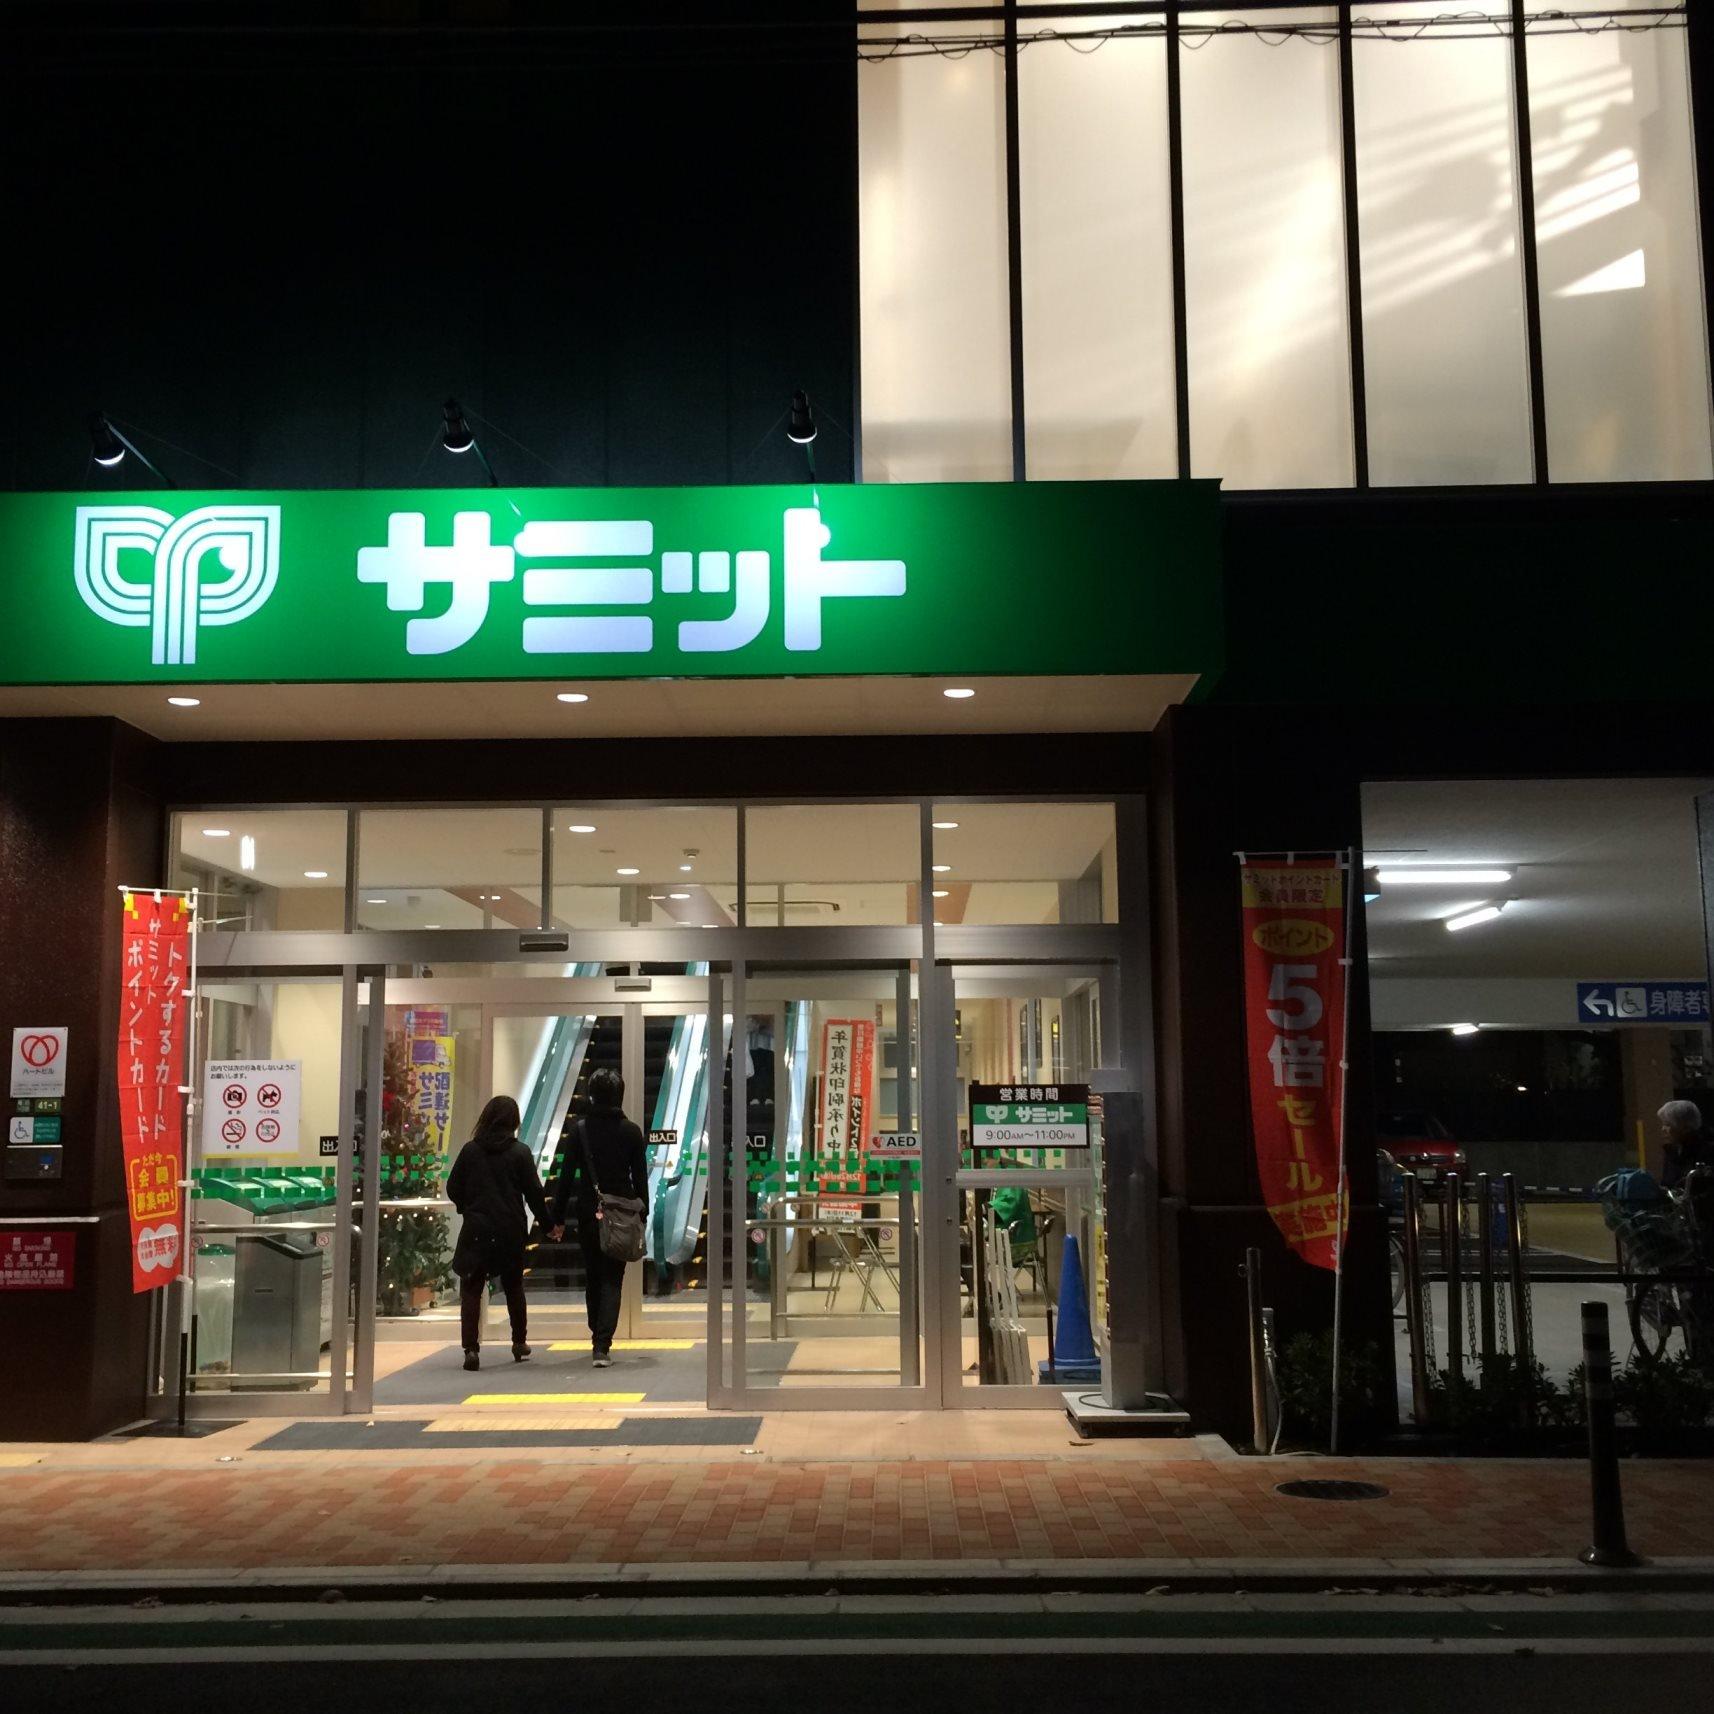 新規開店した「サミット梅ヶ丘店」に行ってきました